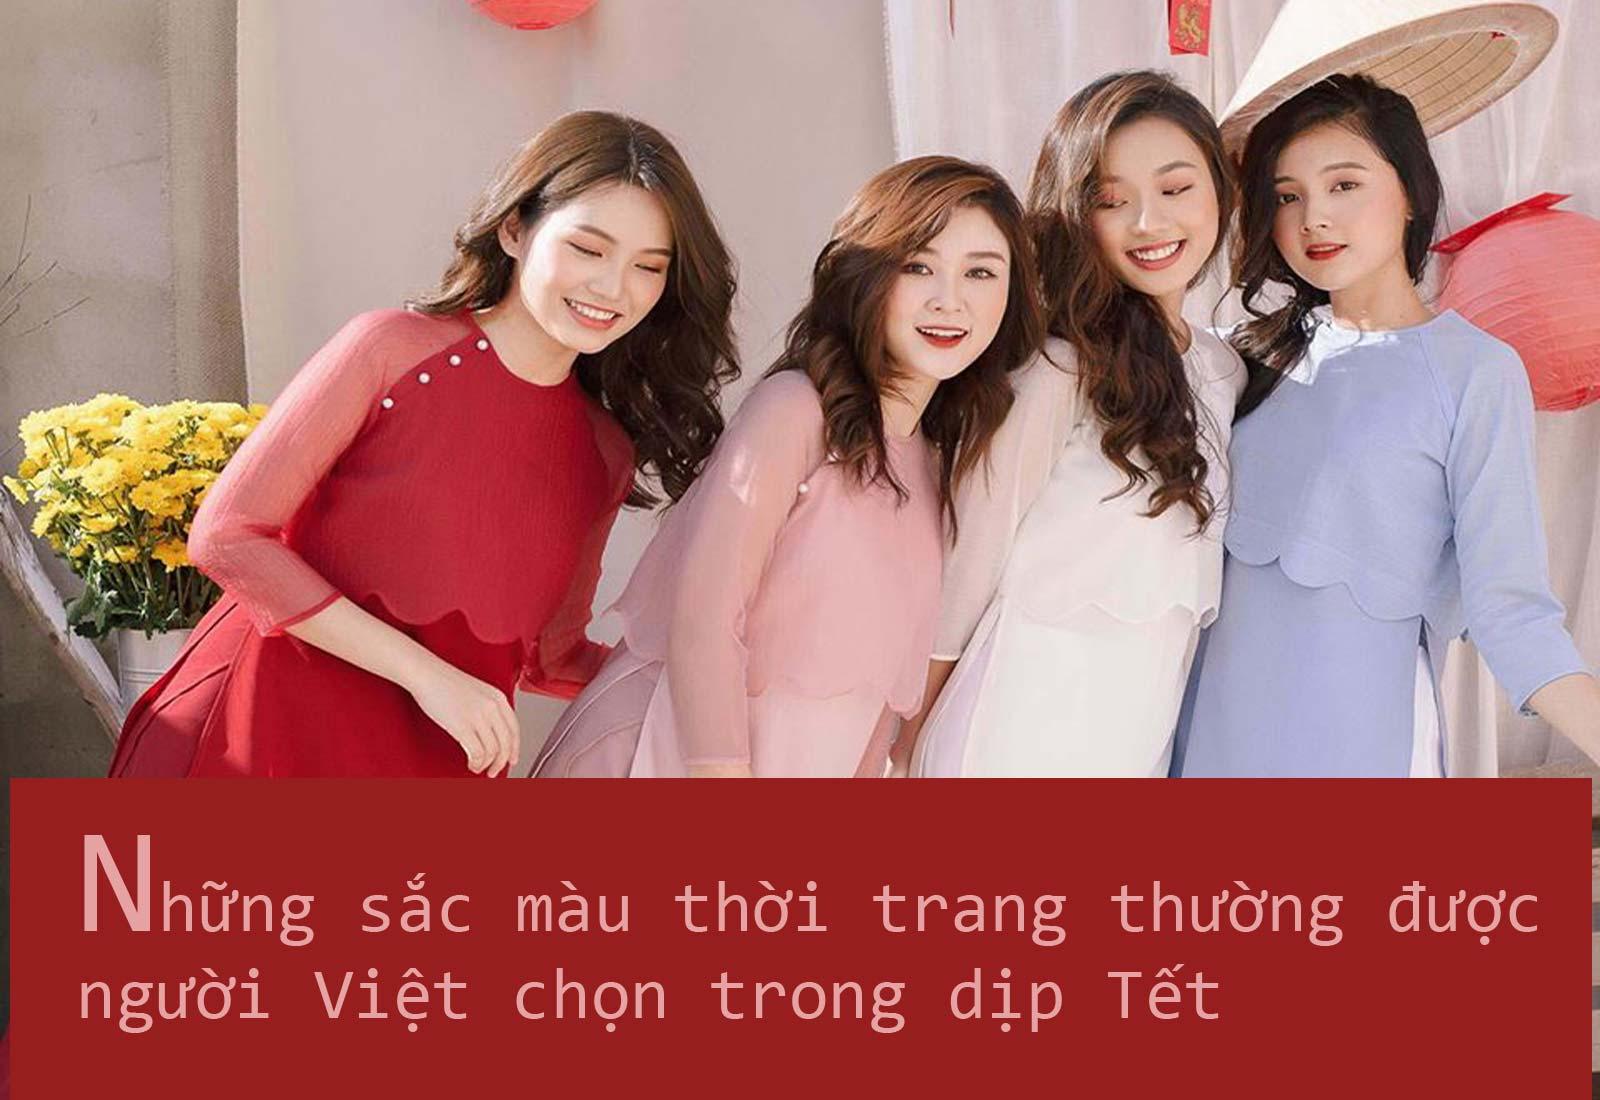 Những màu sắc thời trang thường được người Việt chọn trong dịp Tết - 1